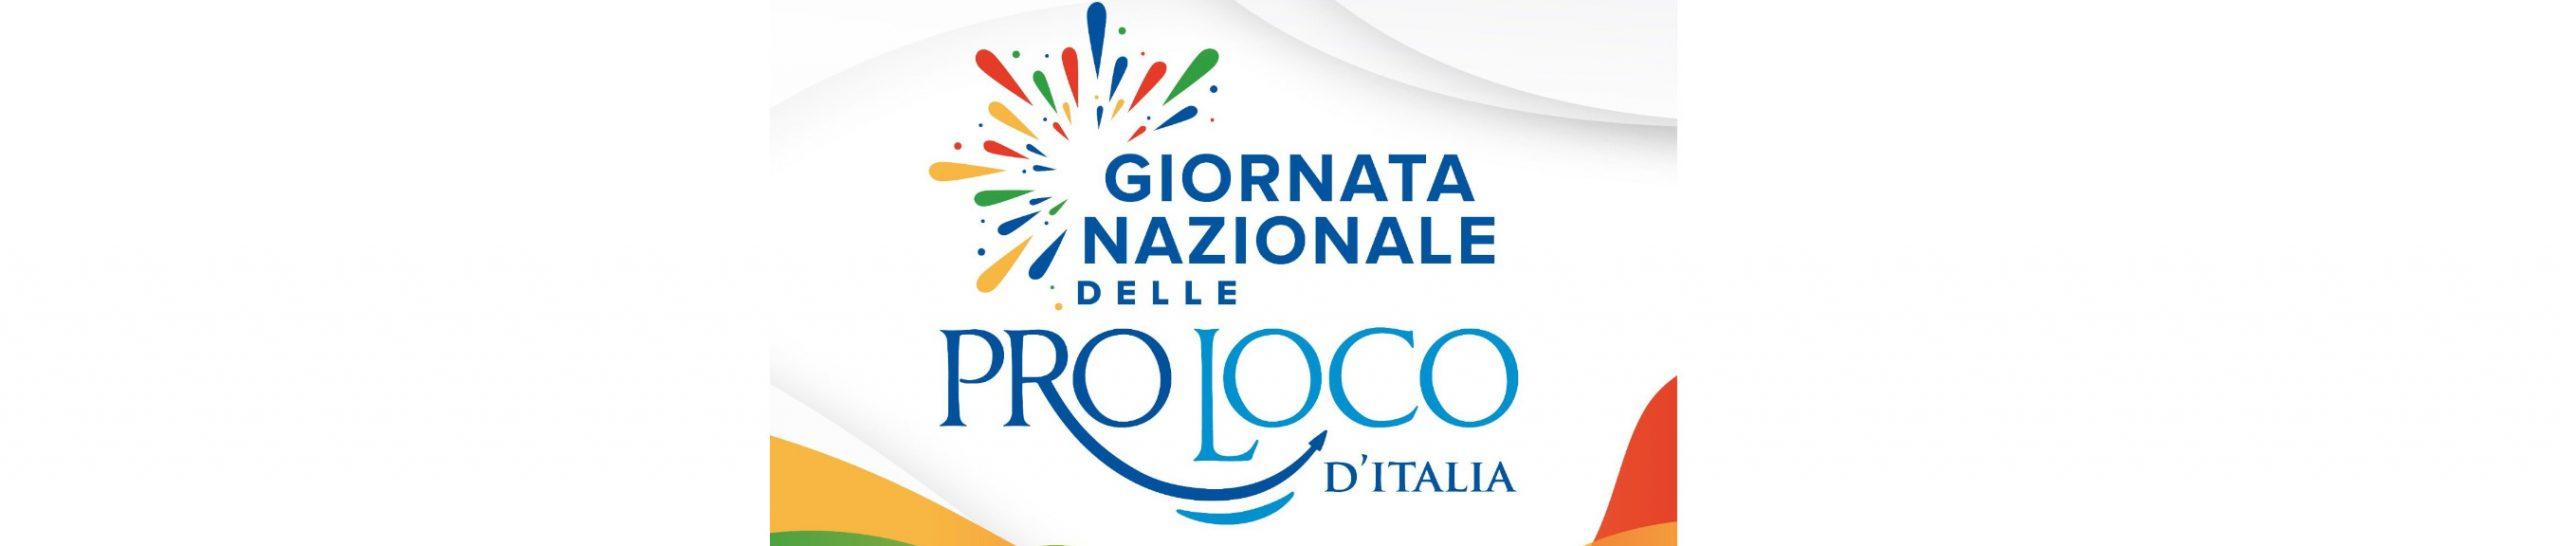 Giornata Nazionale delle Pro Loco. Anche le Pro Loco Piemontesi in bella vista